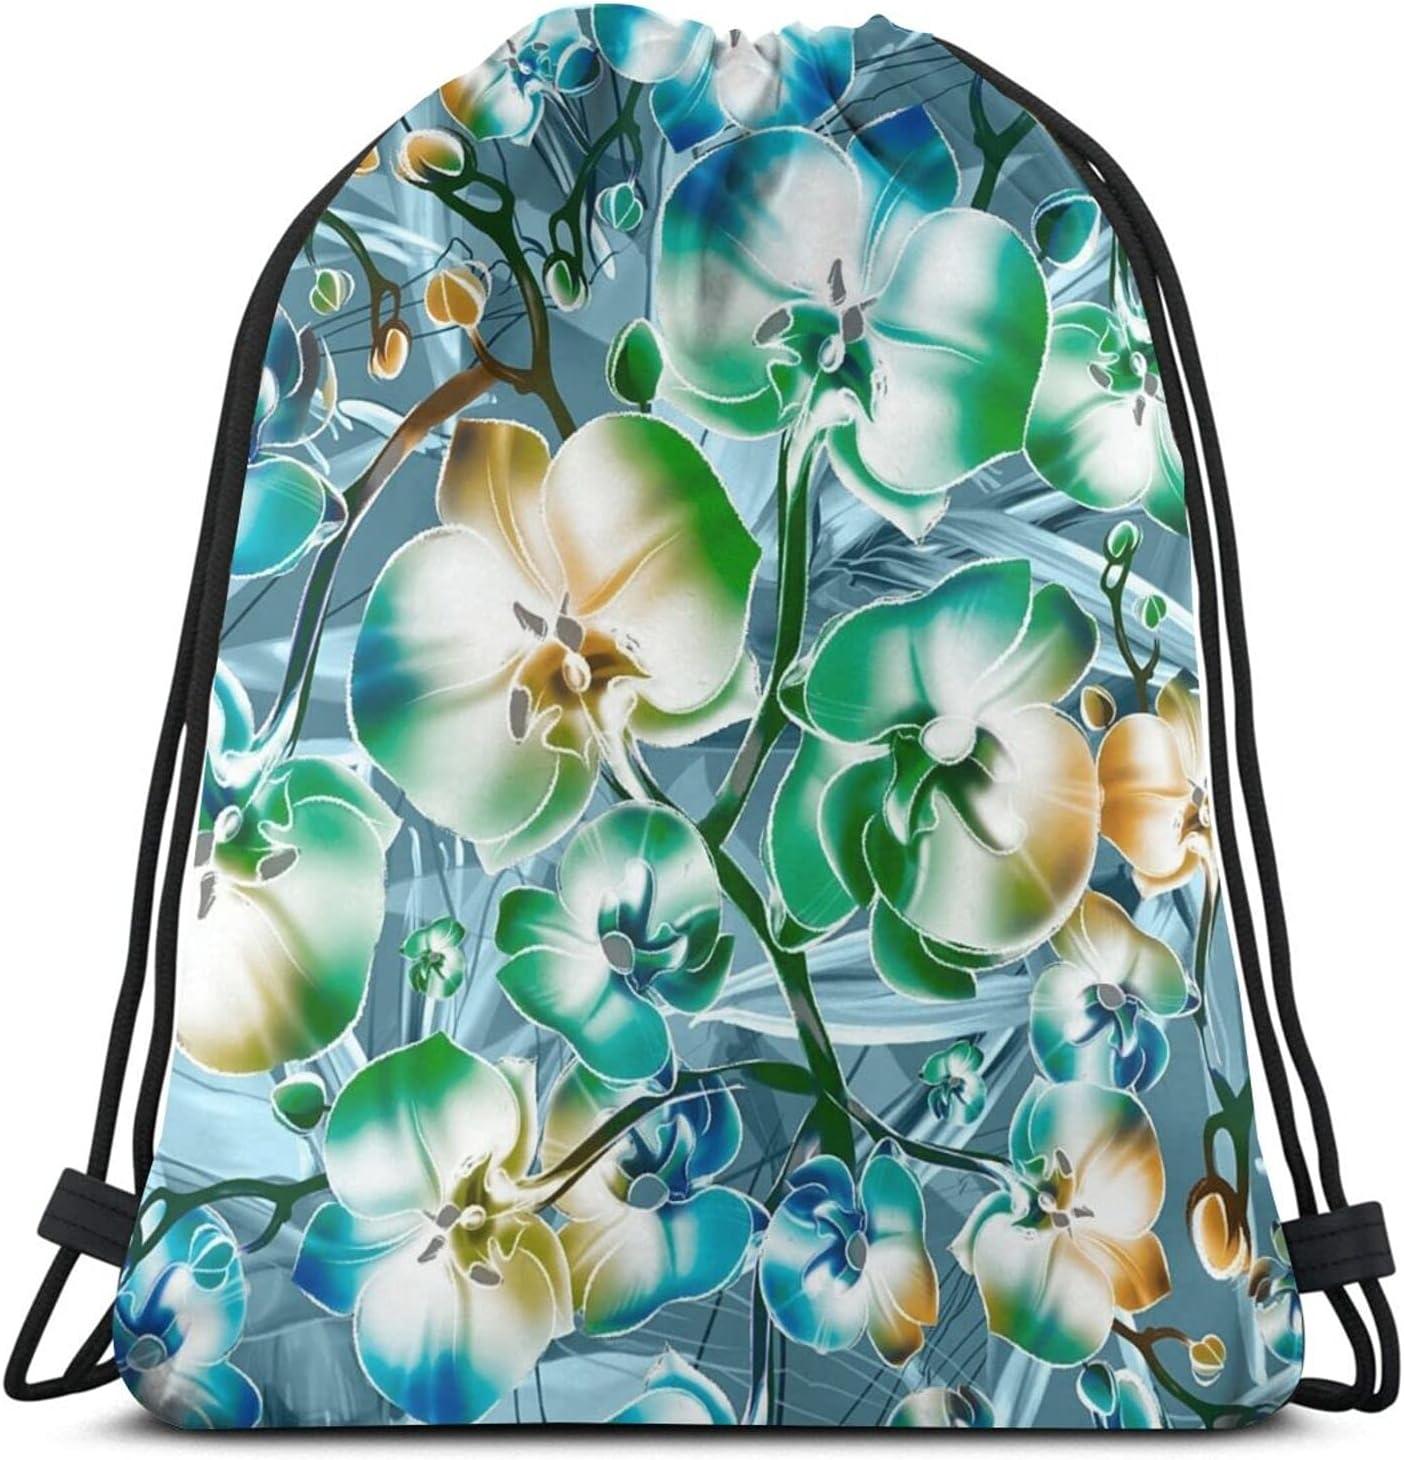 Orchid Vintage Elegance Drawstring Backpack String Translated Ranking TOP20 Sackpack Bag